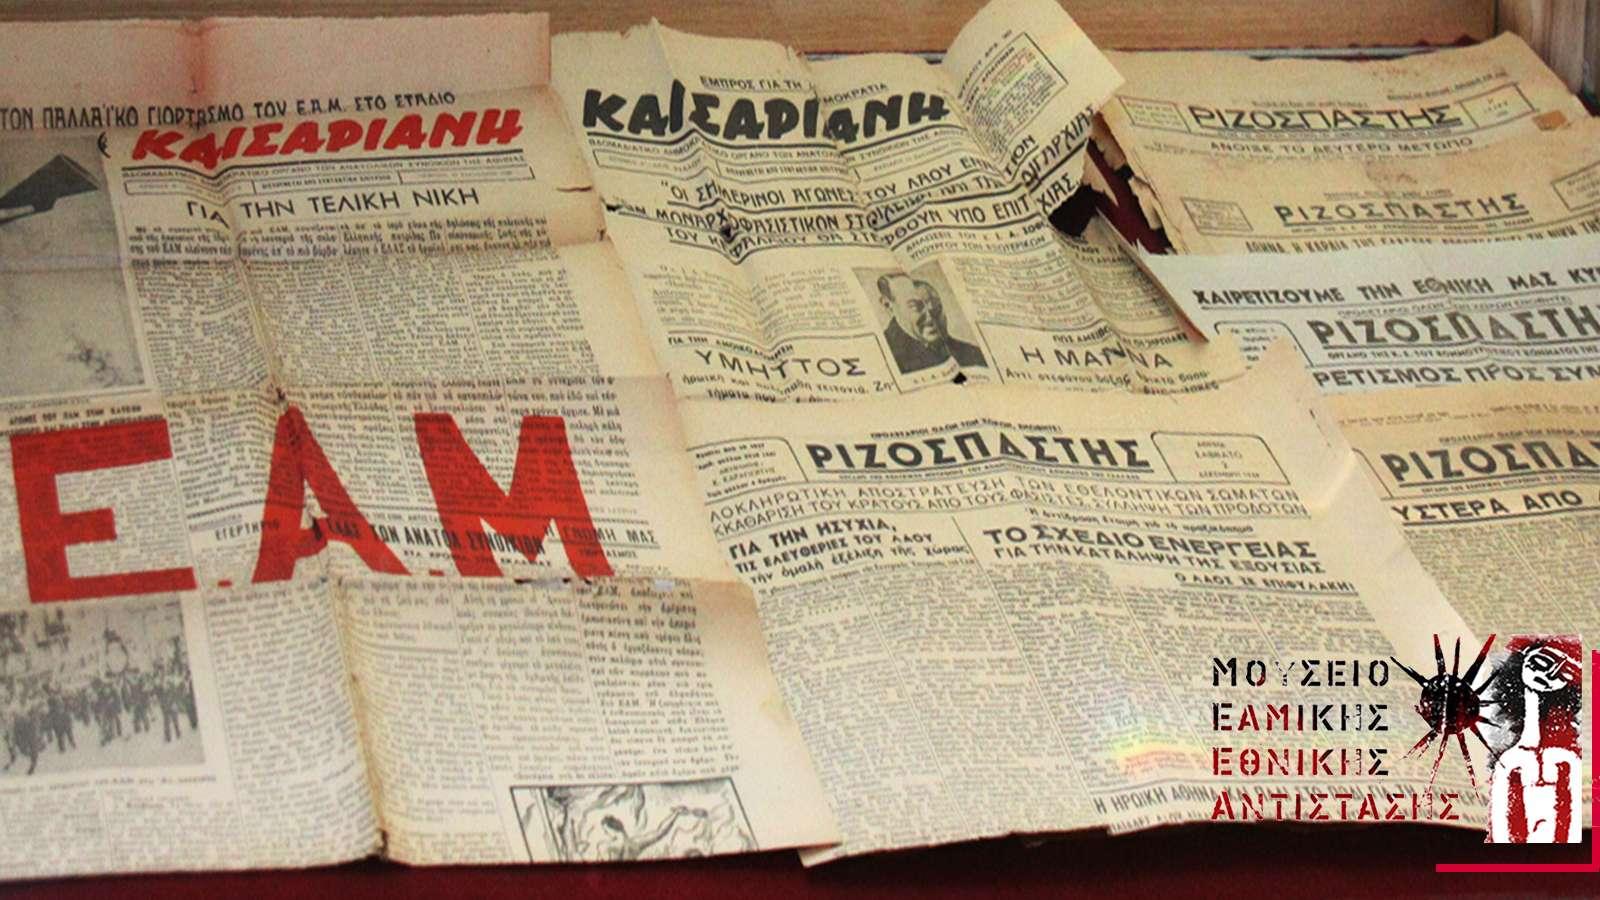 Καισαριανή Τιμή δόξα στους 200 κομμουνιστές του 44 Κόκκινη Πρωτομαγιά πρωτοπόρα εργατιά